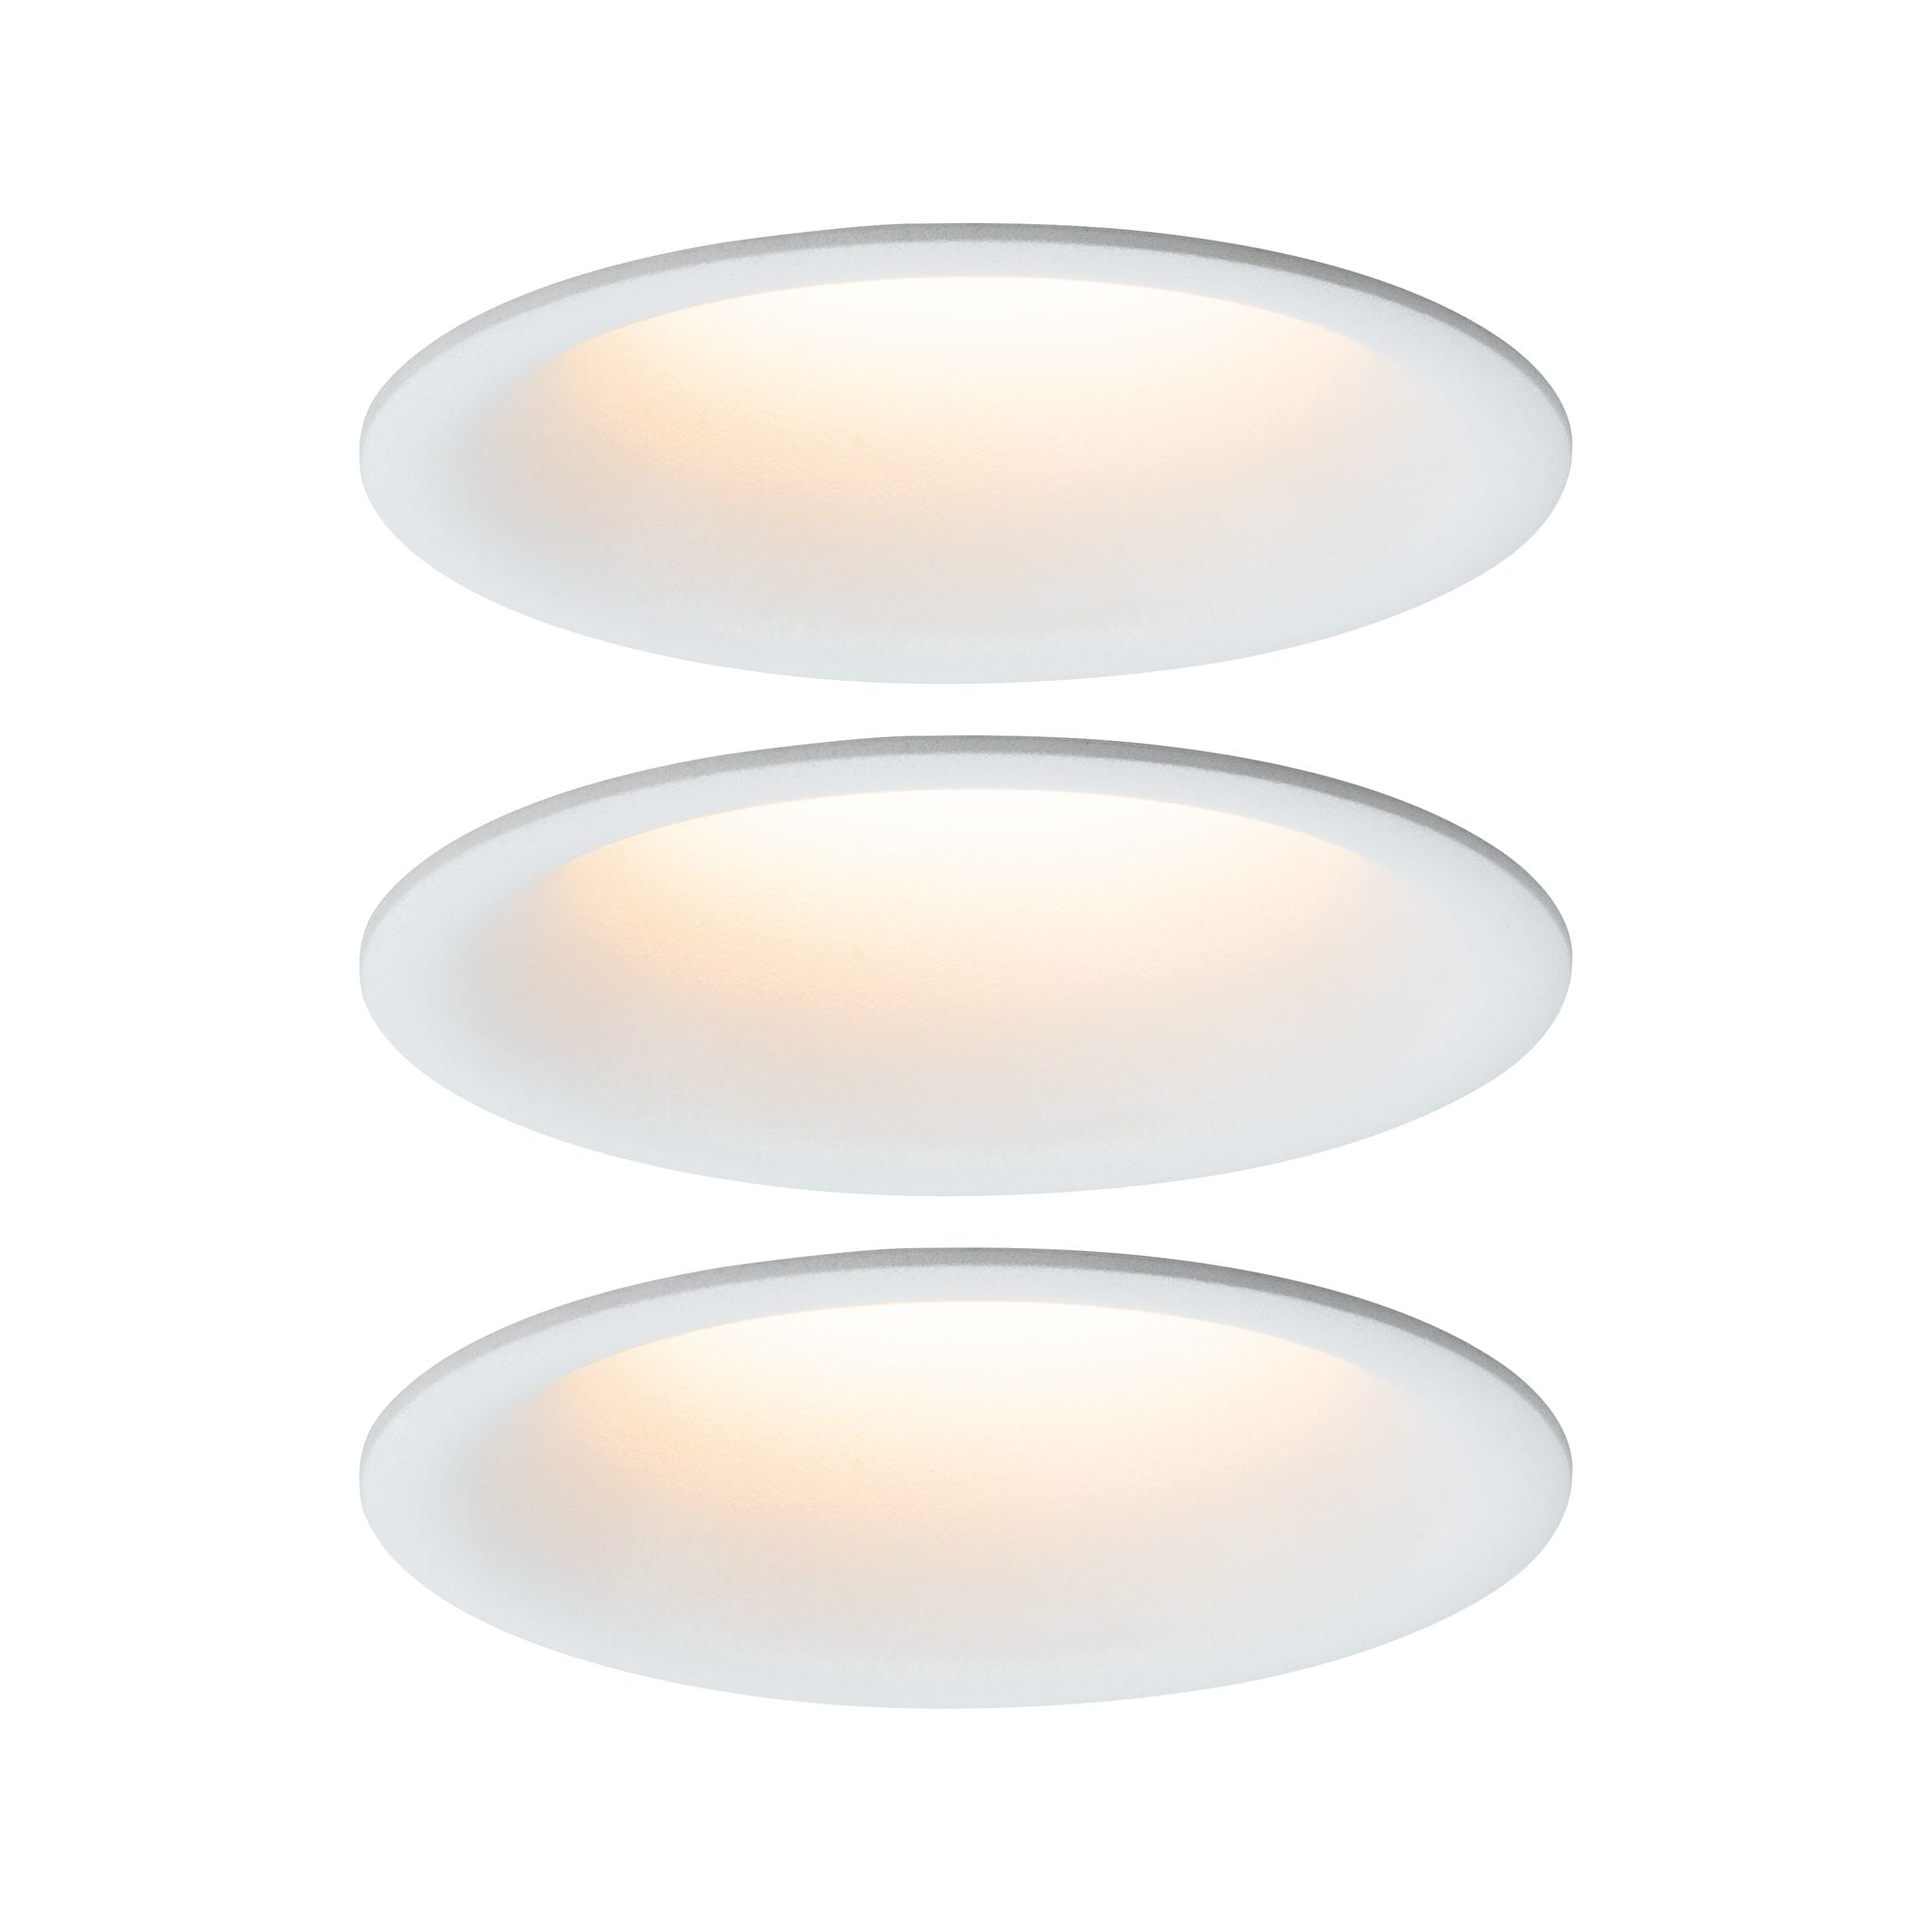 Paulmann LED Einbaustrahler dimmbar Weiß matt 3x6,5W Cymbal blendfrei, 3 St., Warmweiß